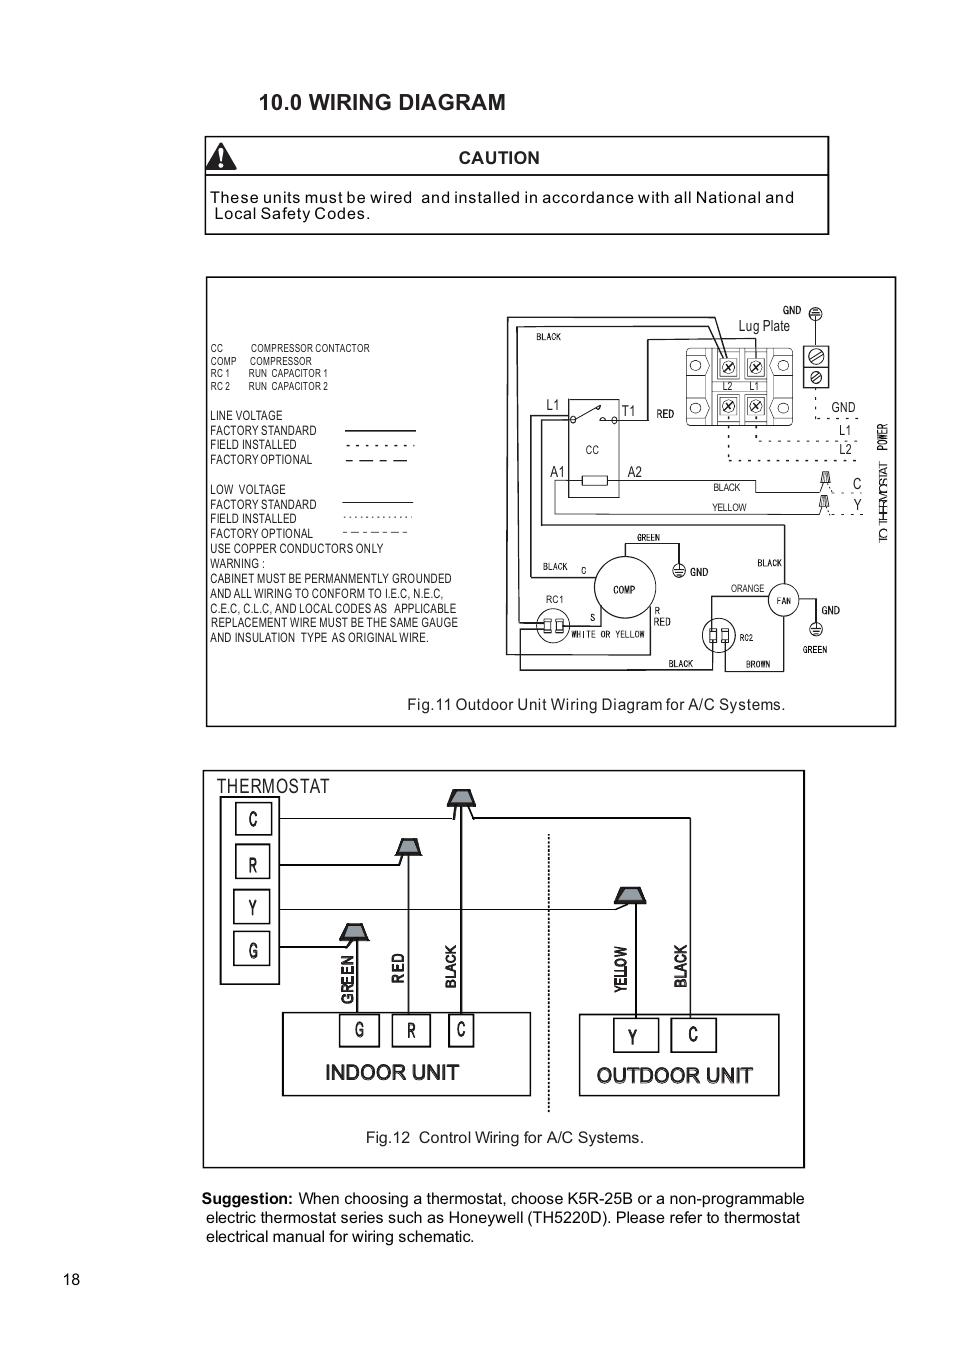 medium resolution of klimaire wiring diagram wiring diagram page klimaire mini split wiring diagram klimaire mini split wiring diagram